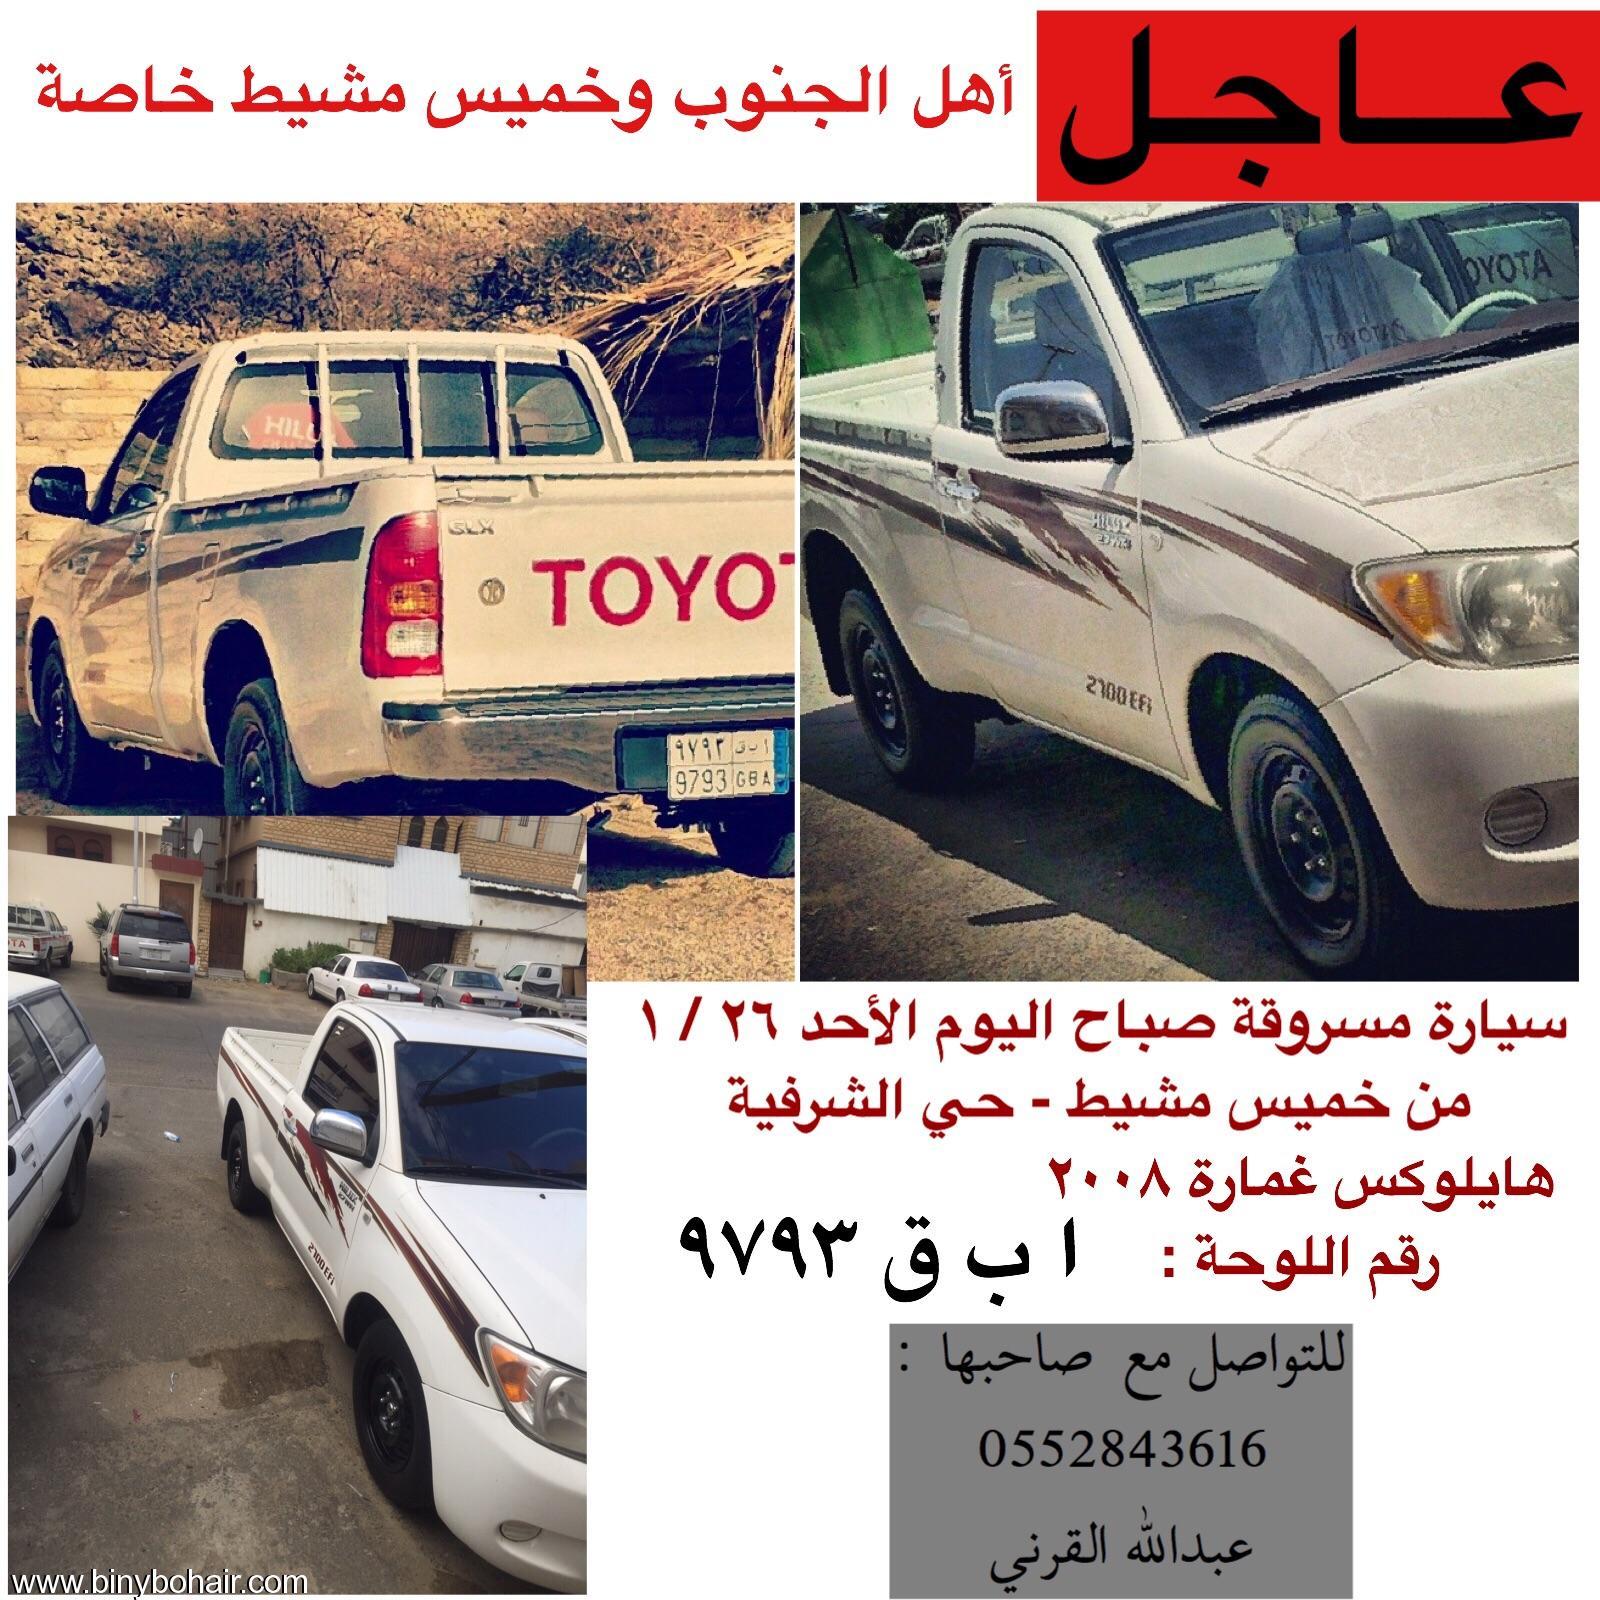 سيارة عبدالله شداد القرني تعرضت umc96433.jpg